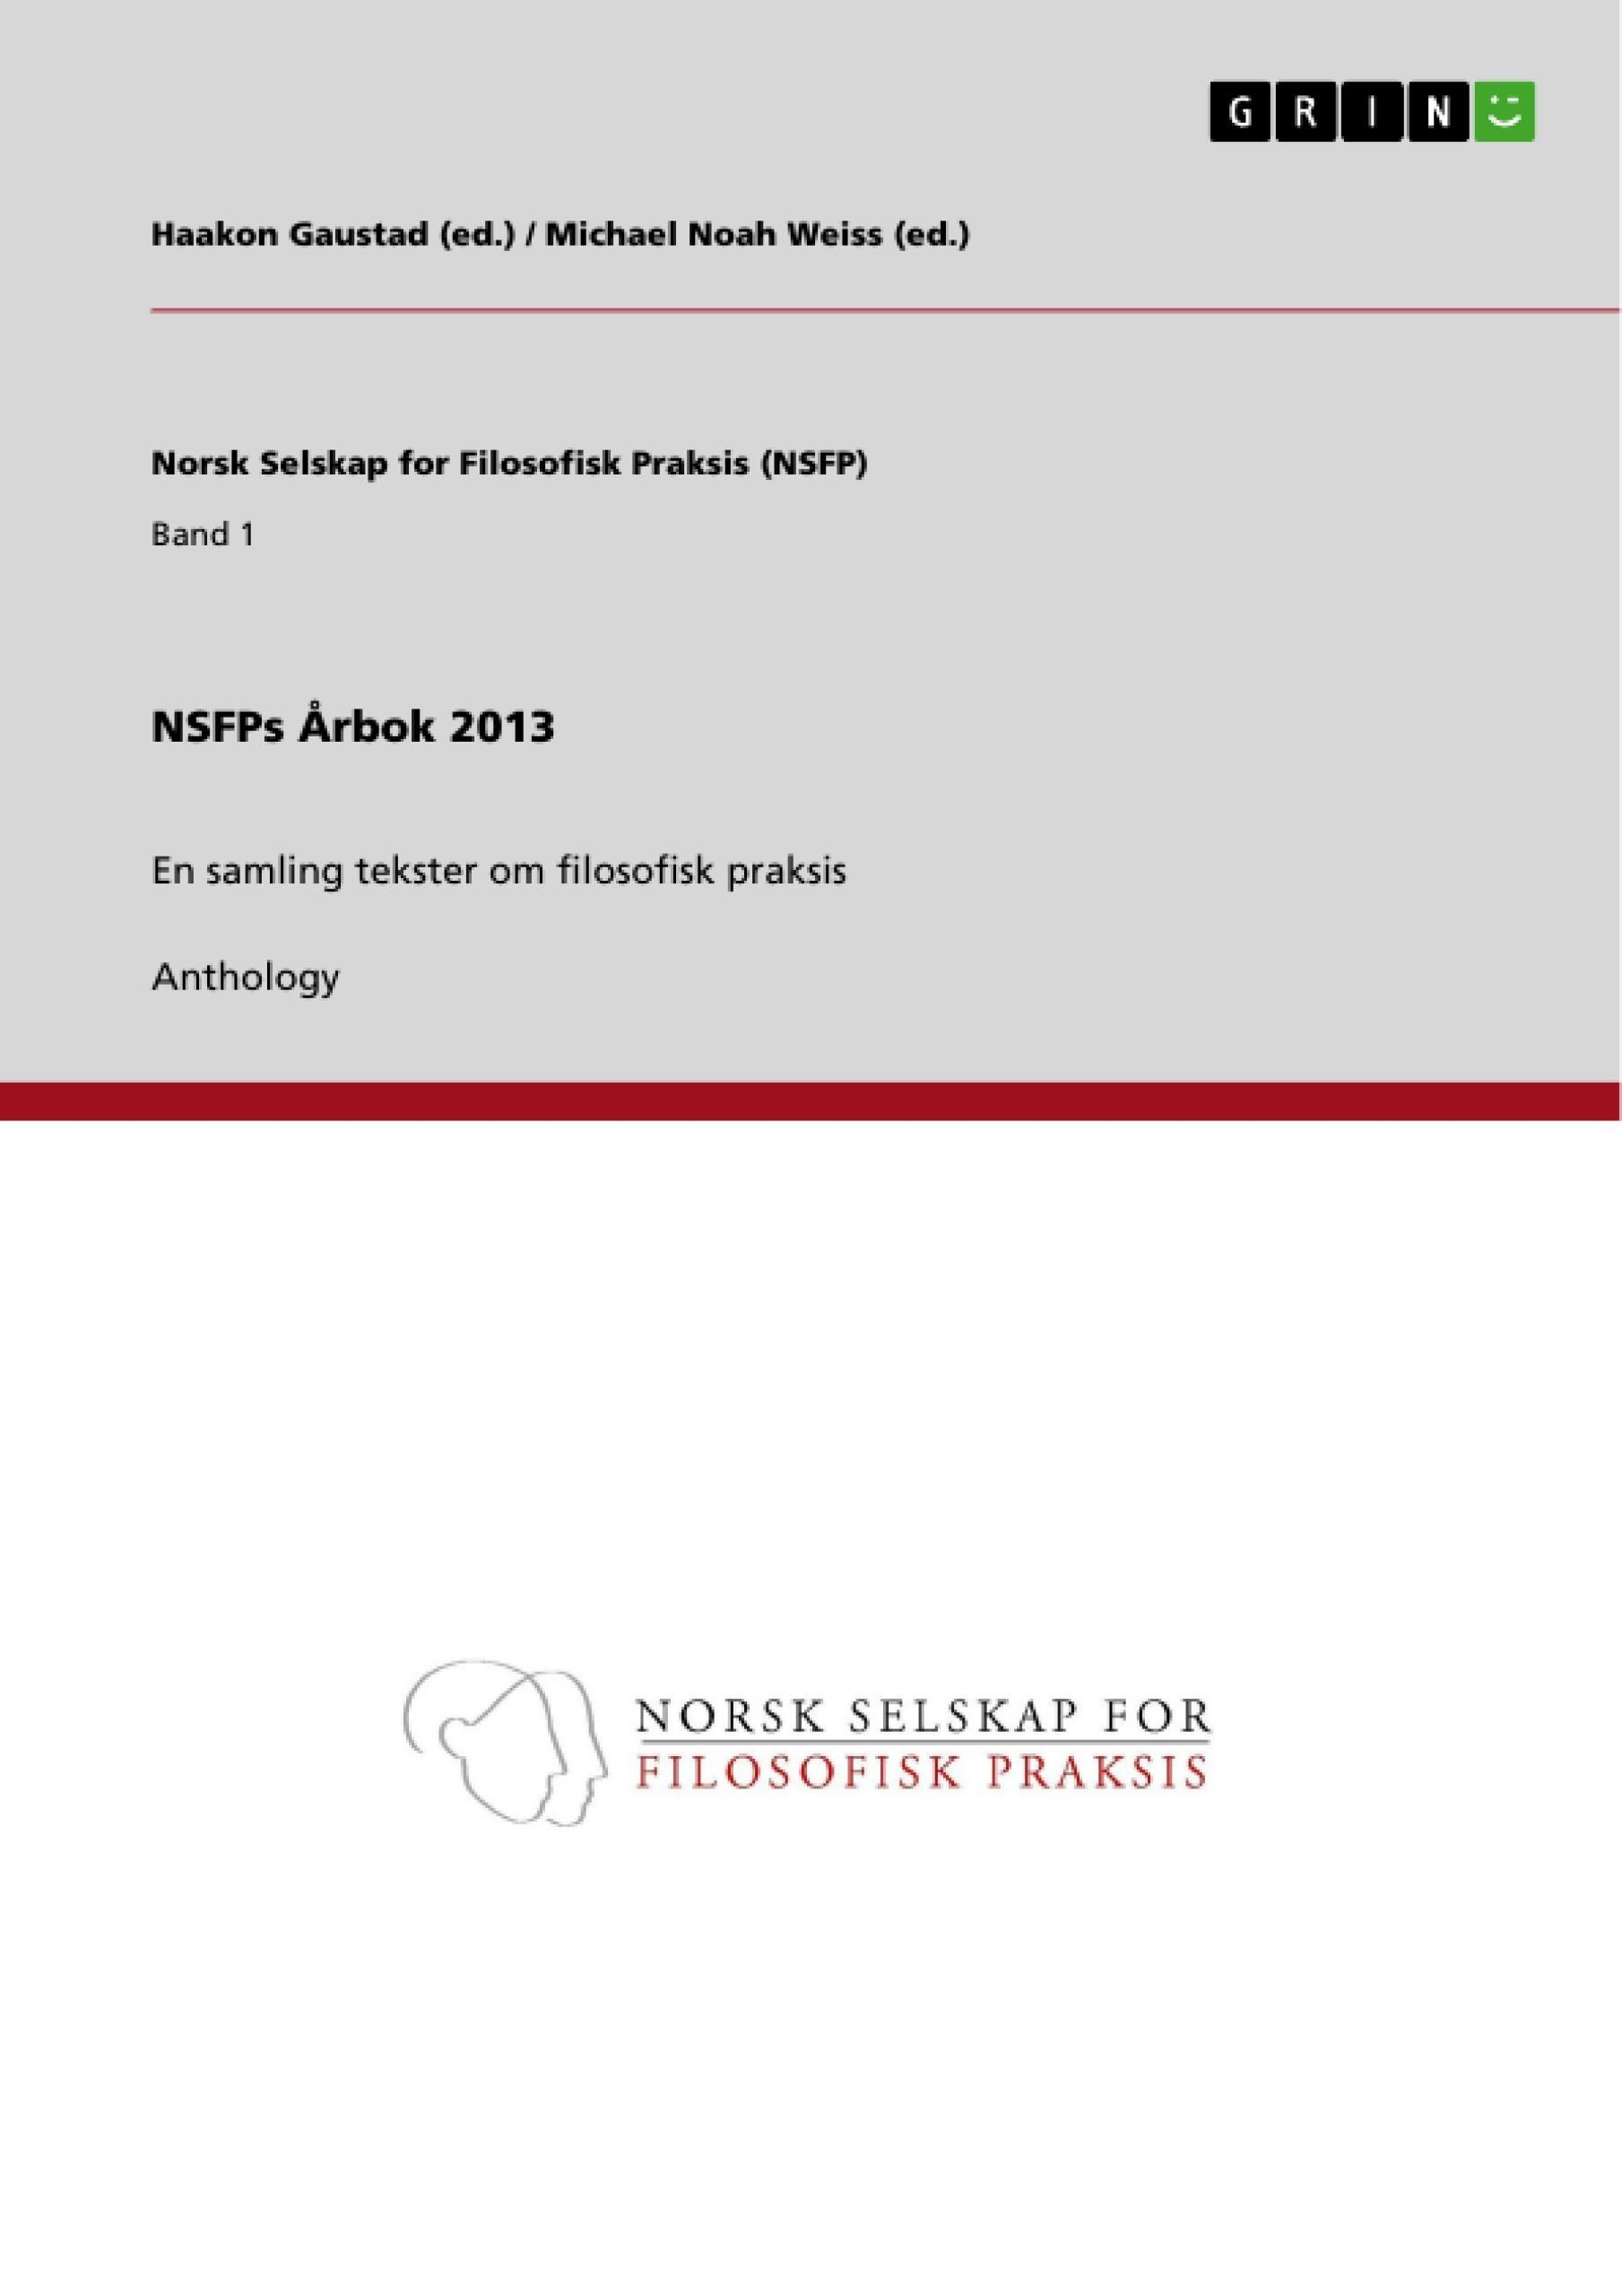 Titre: NSFPs Årbok 2013